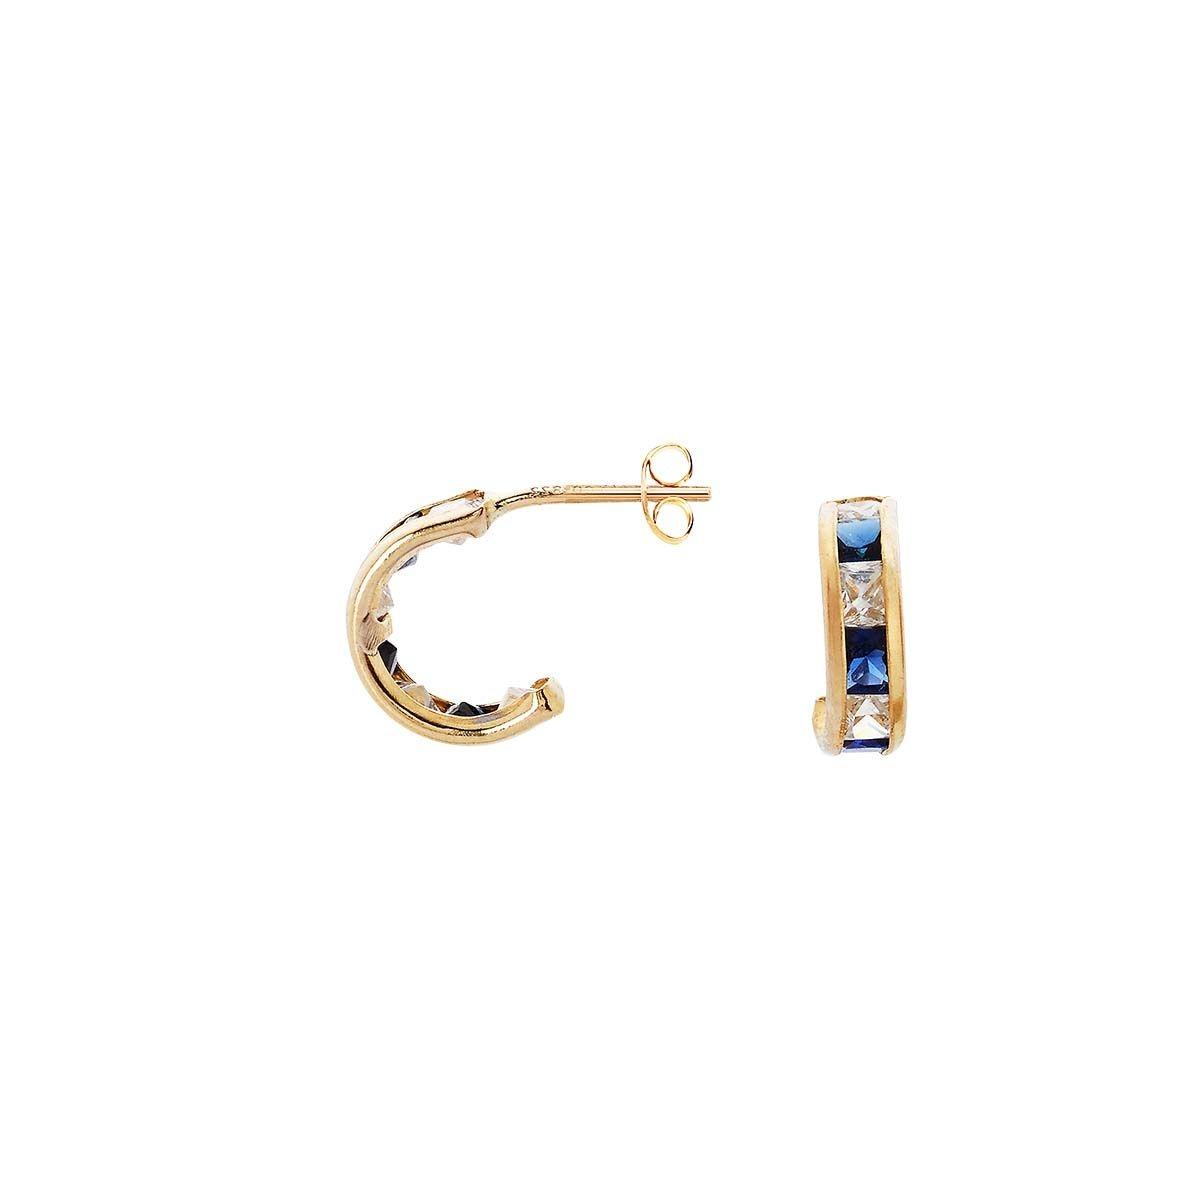 Boucles d'oreilles en Or 375/1000 Jaune et Saphir